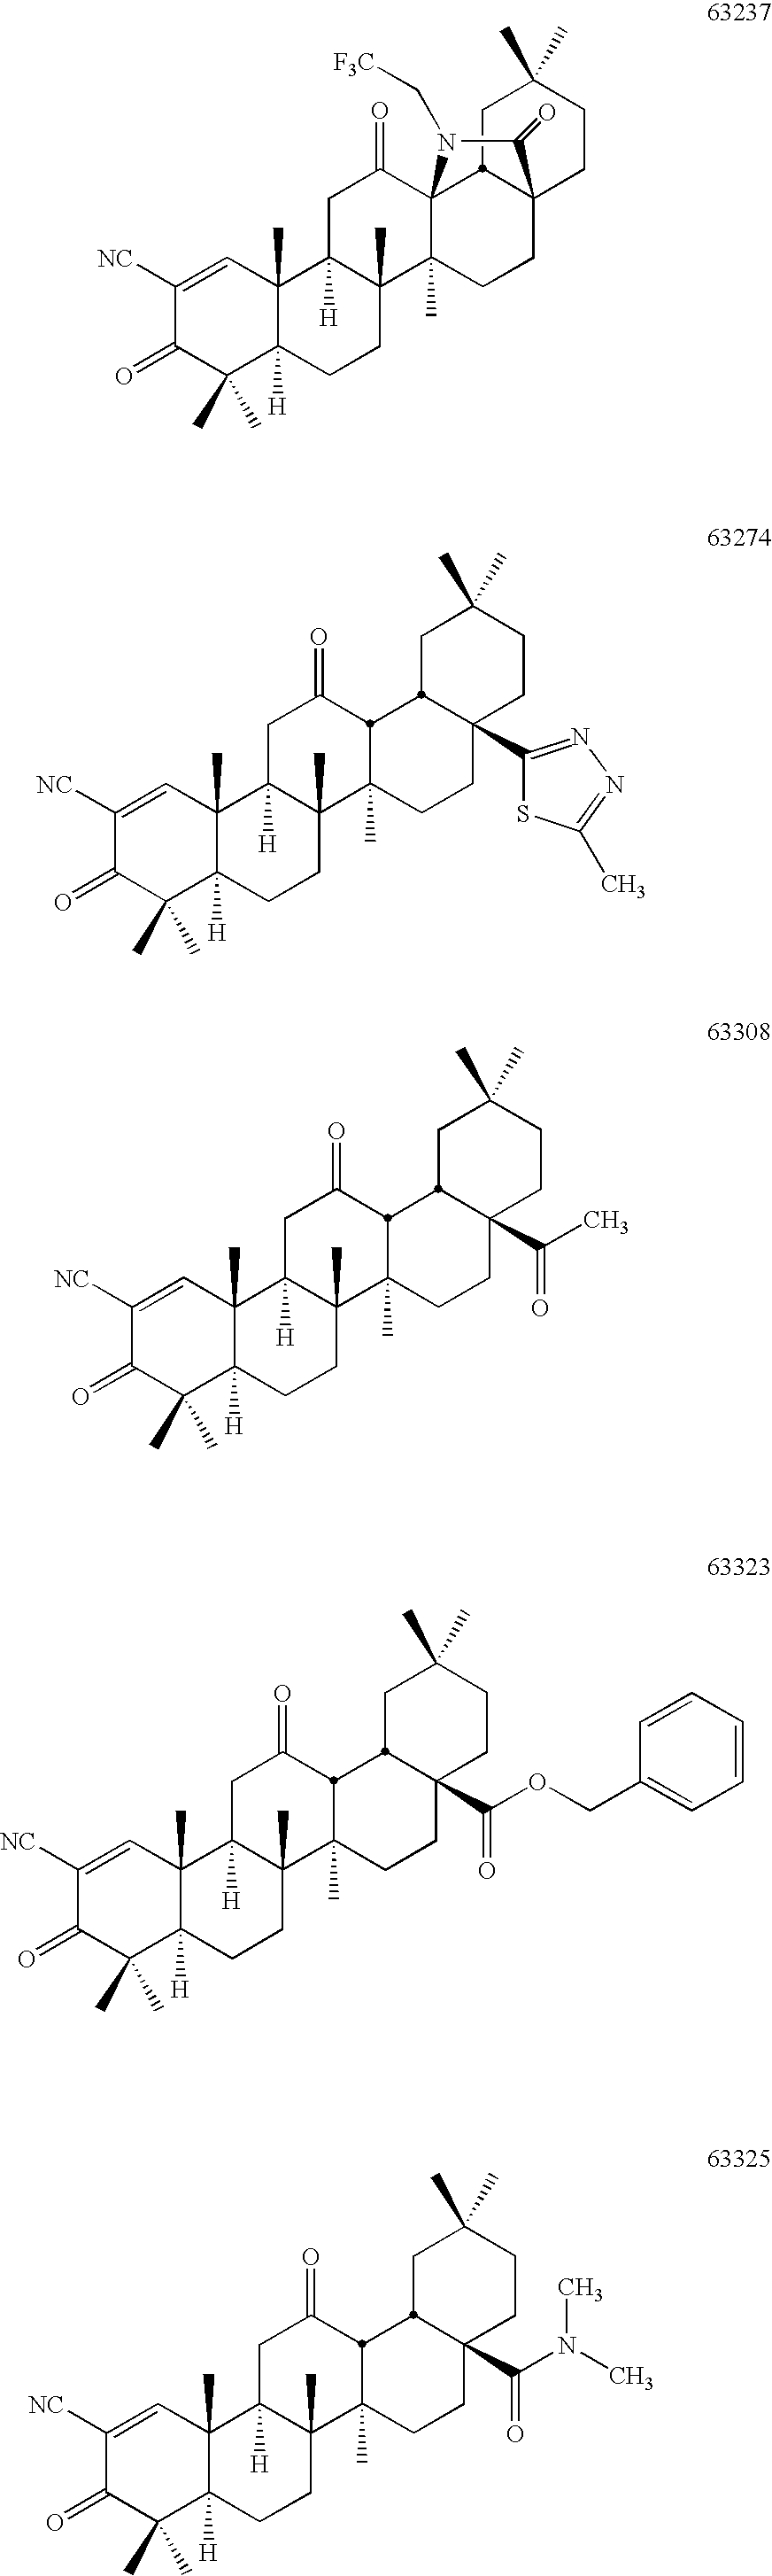 Figure US20100056777A1-20100304-C00026